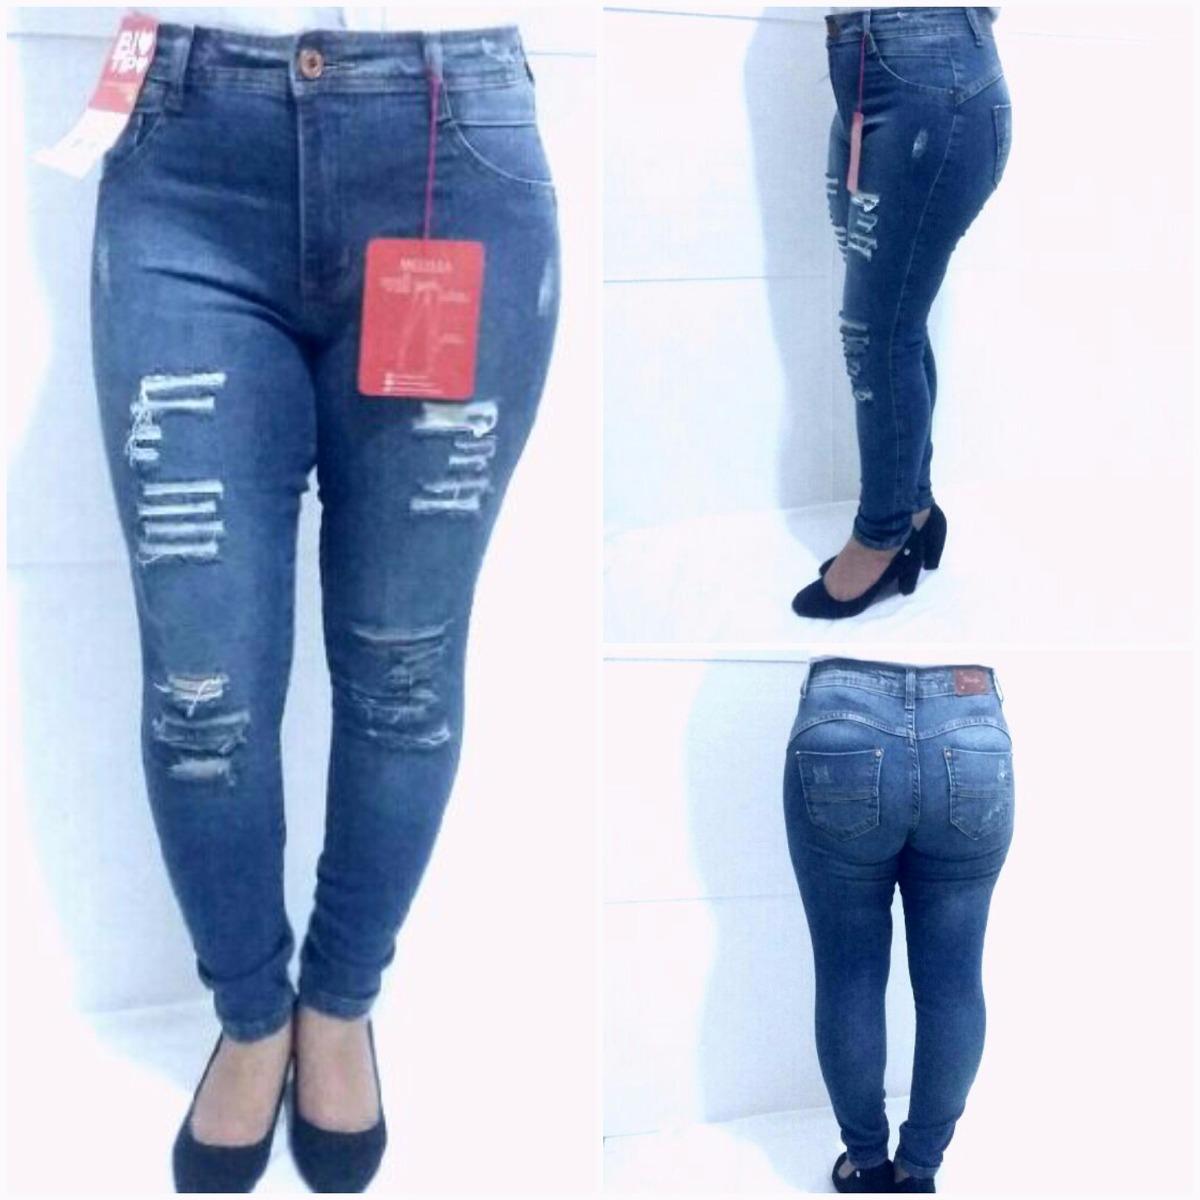 37869b2a4 calça skinny rasgadinha feminina biotipo da moda. Carregando zoom.